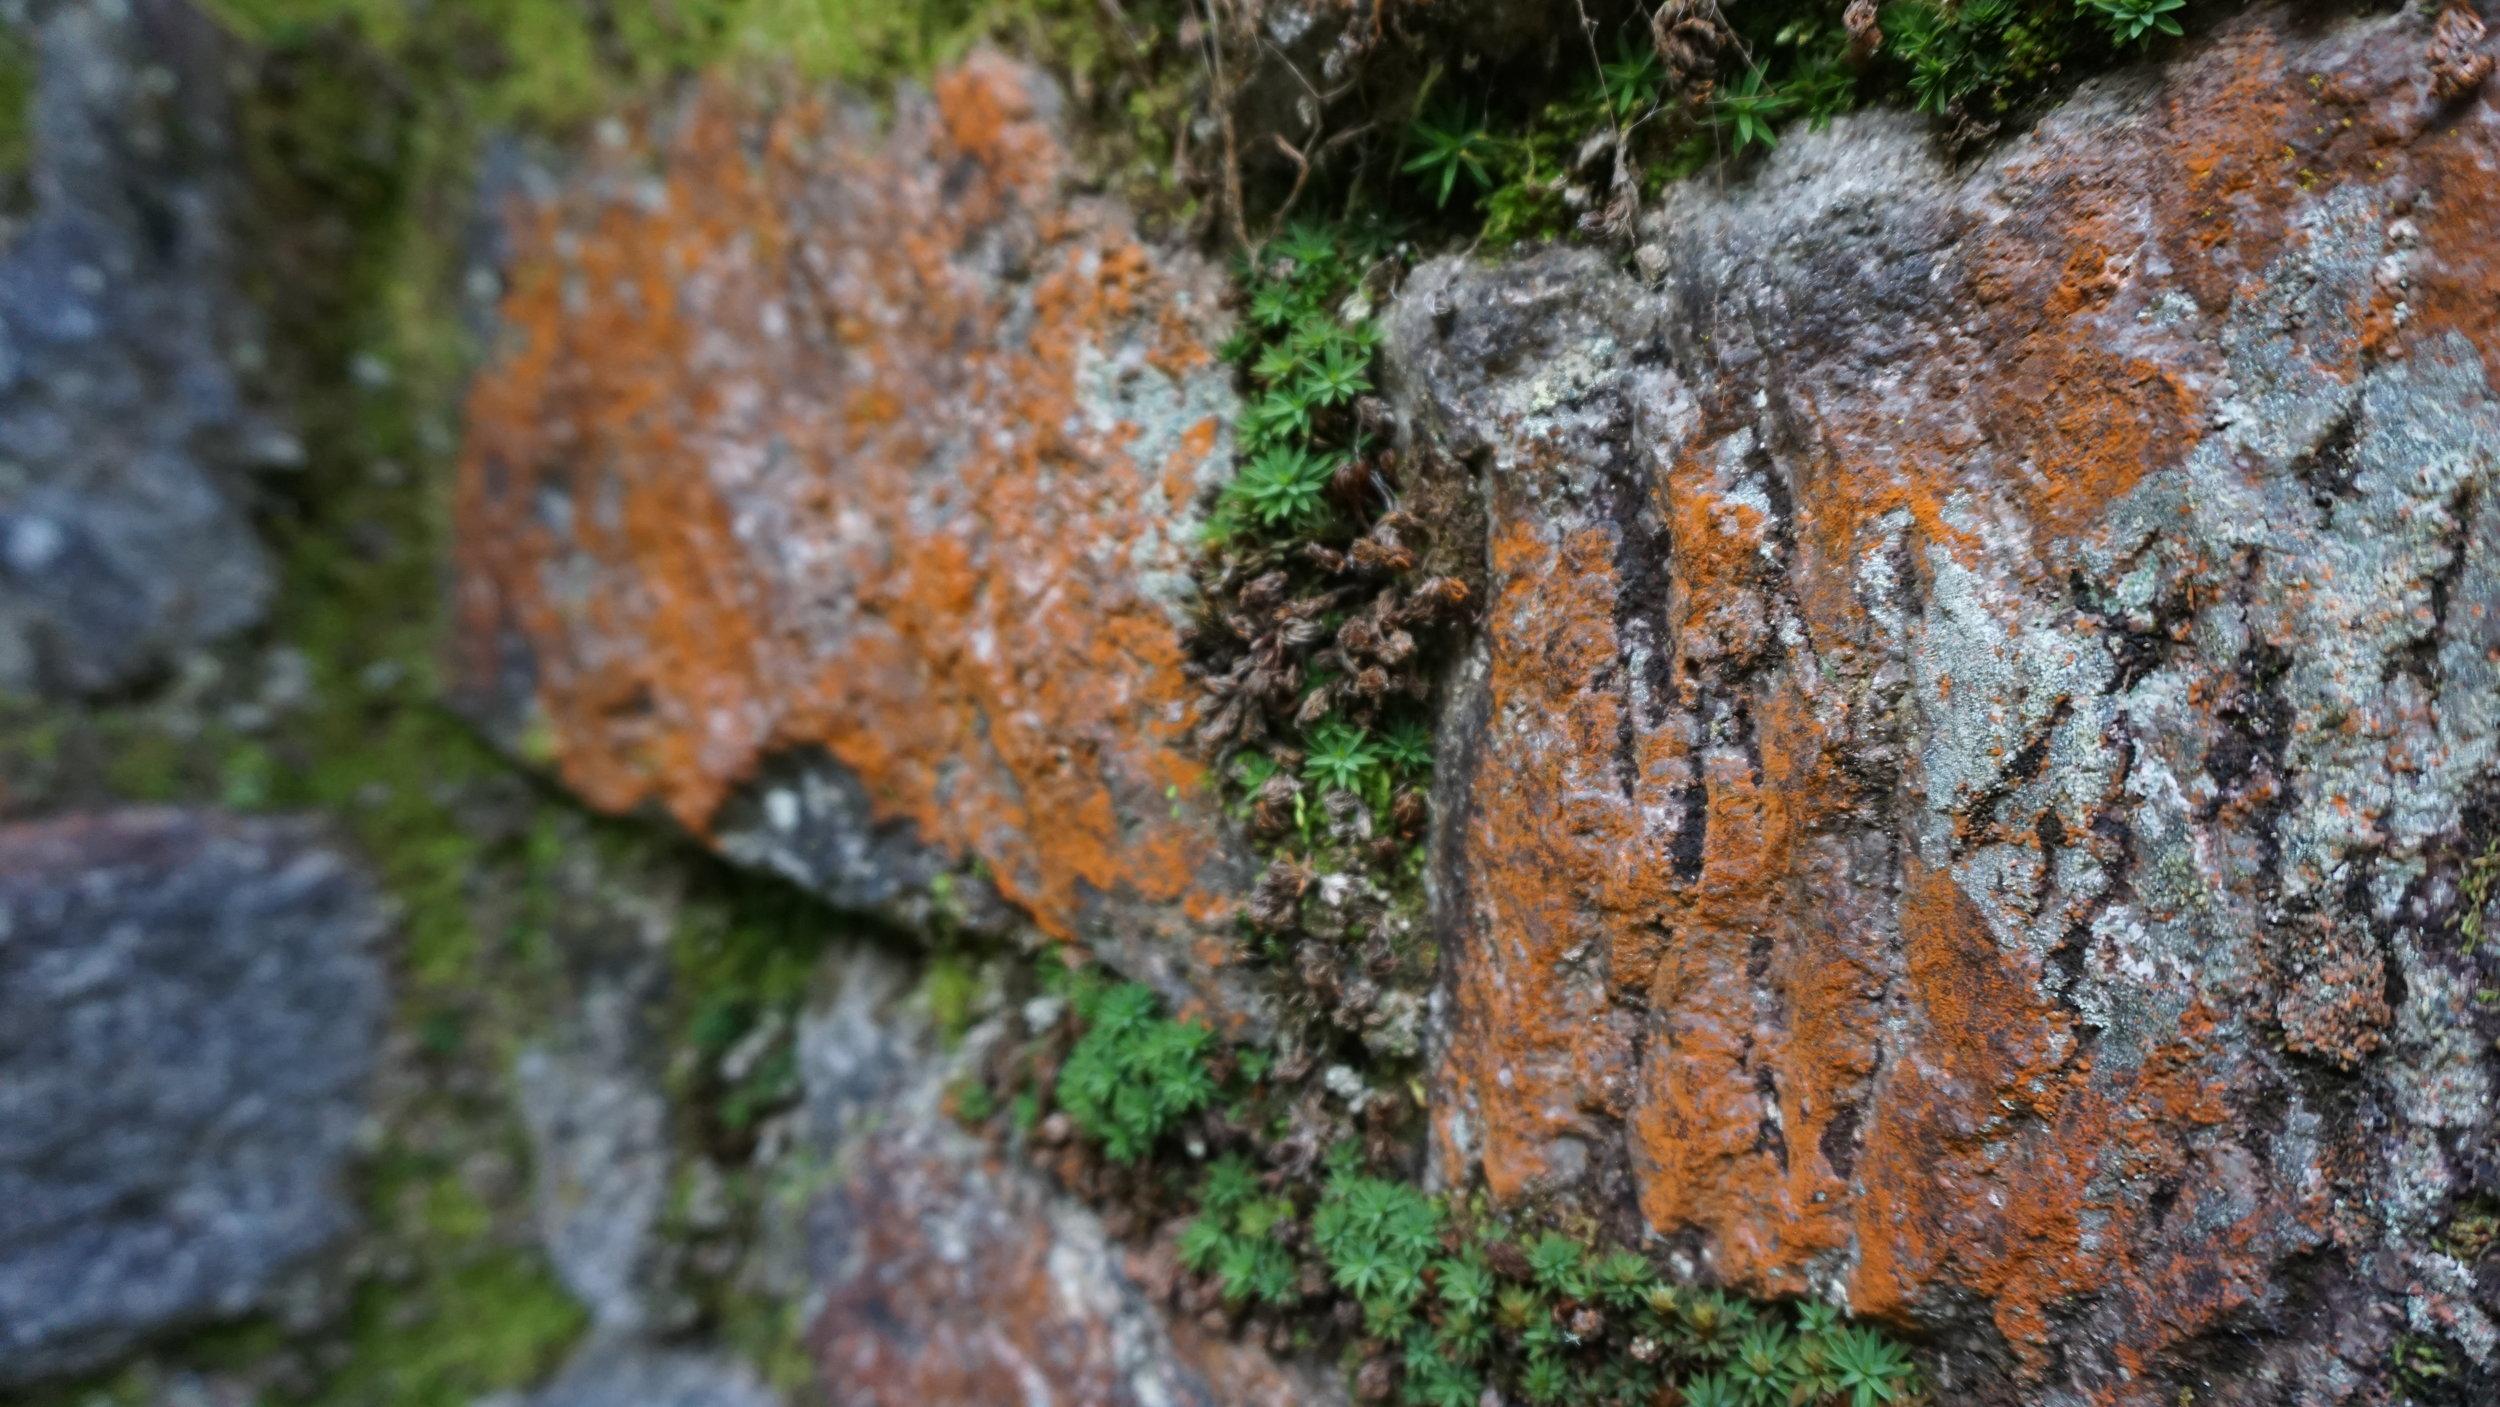 Slow erosion